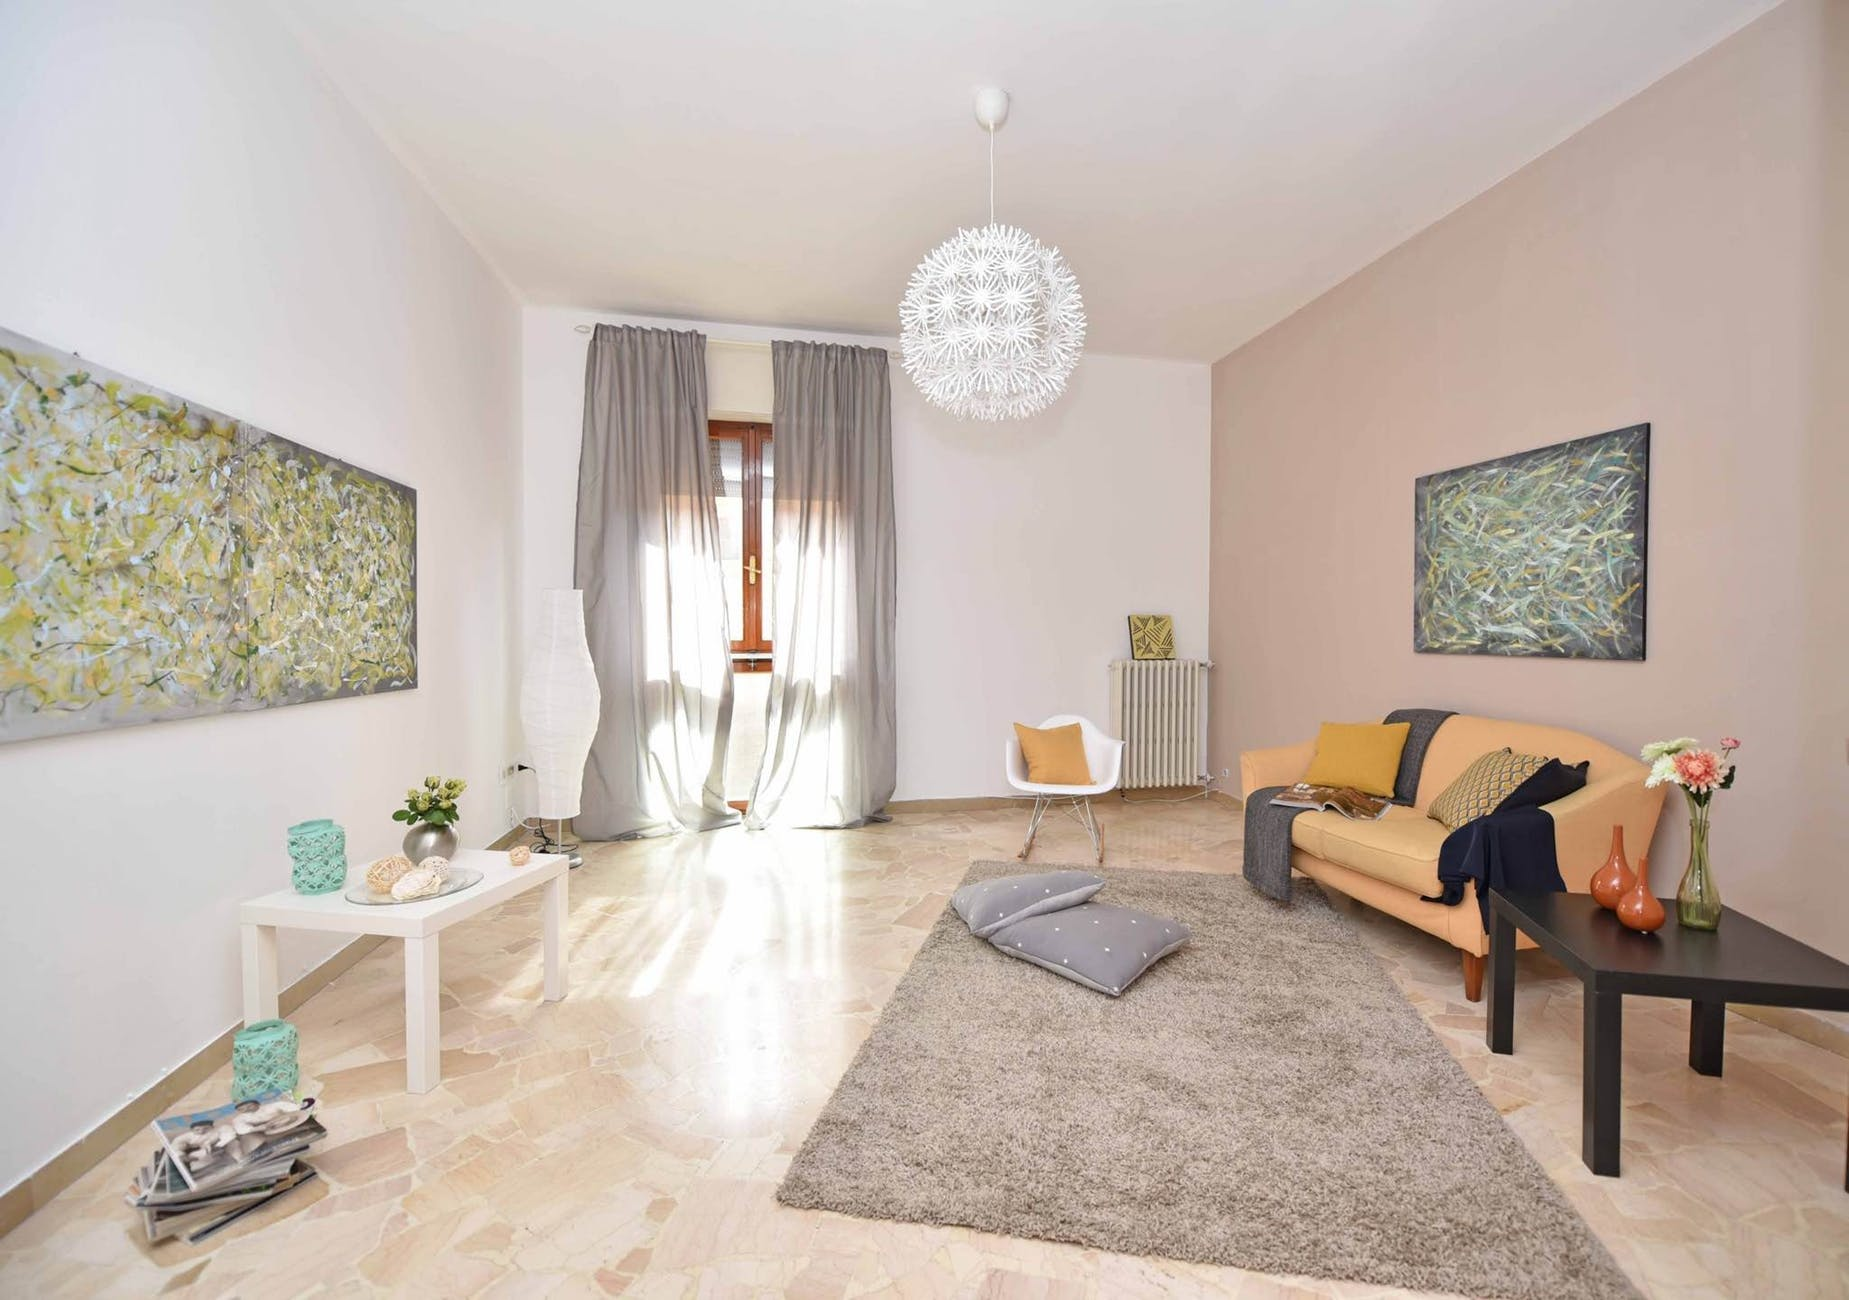 apartment carpet floor furniture